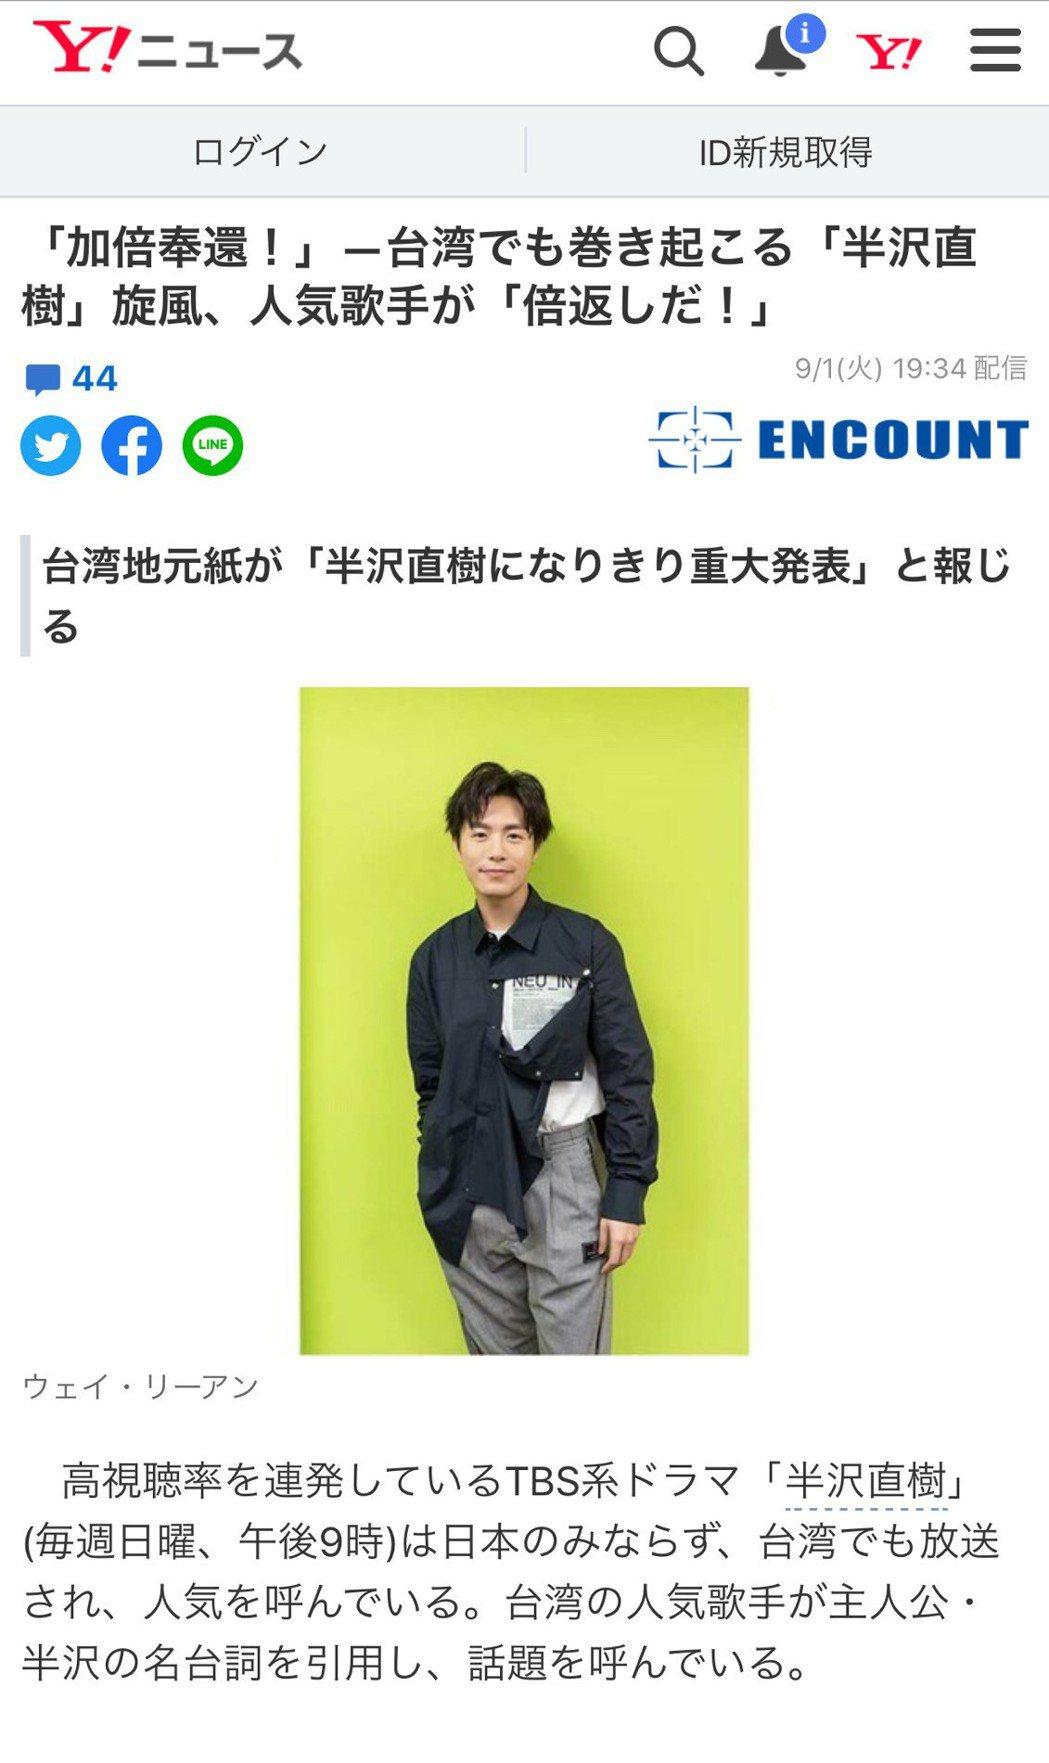 韋禮安「而立之後」演唱會秒殺後再加場,一句「加倍奉還」登上日本新聞喊意外。圖/摘...